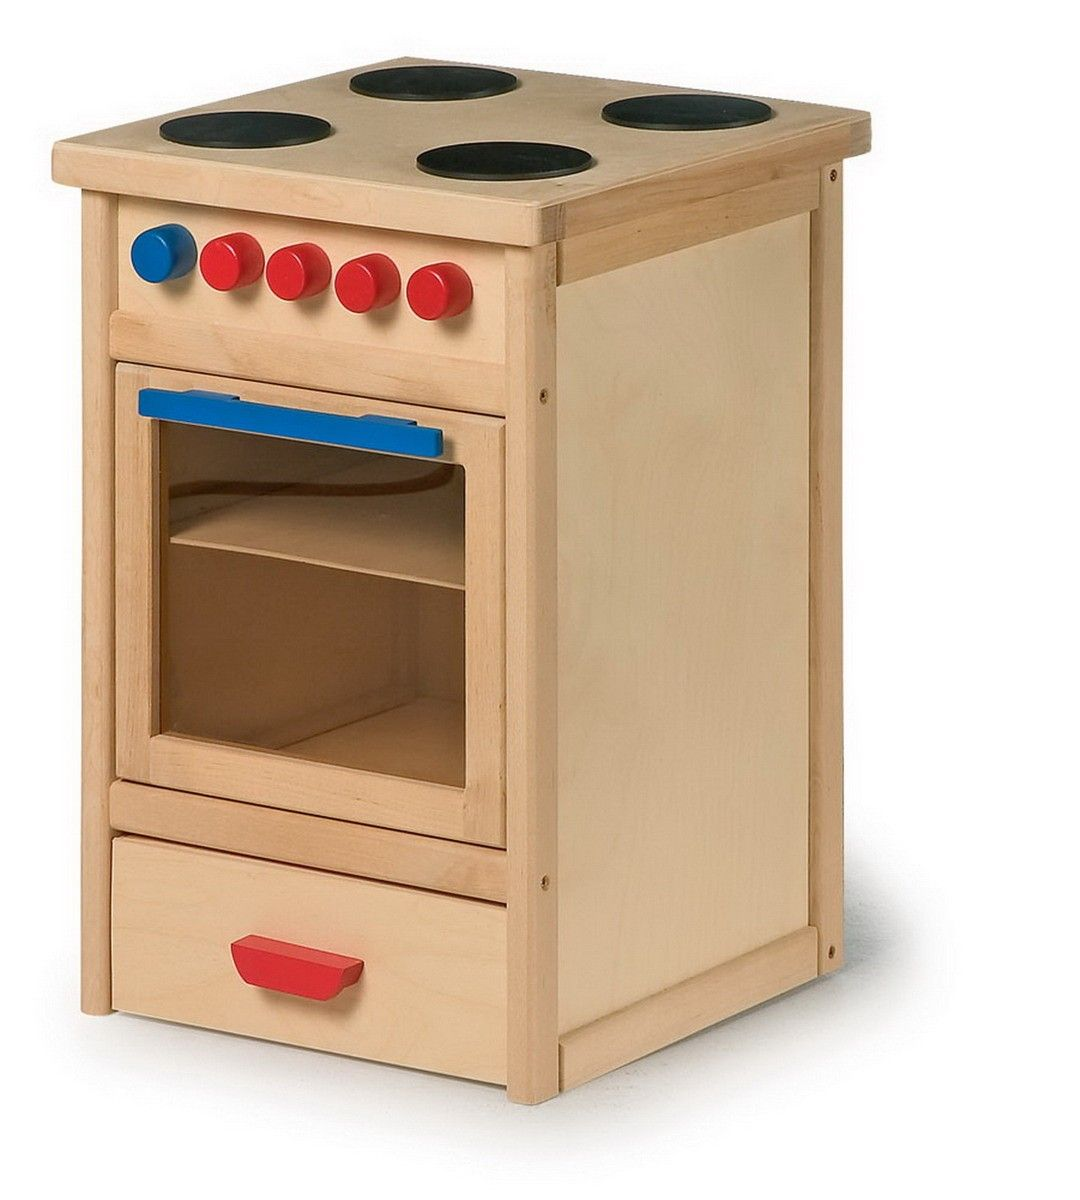 Cocinita y horno de madera cocinas de juguete juegos - Cocina de juguete ...